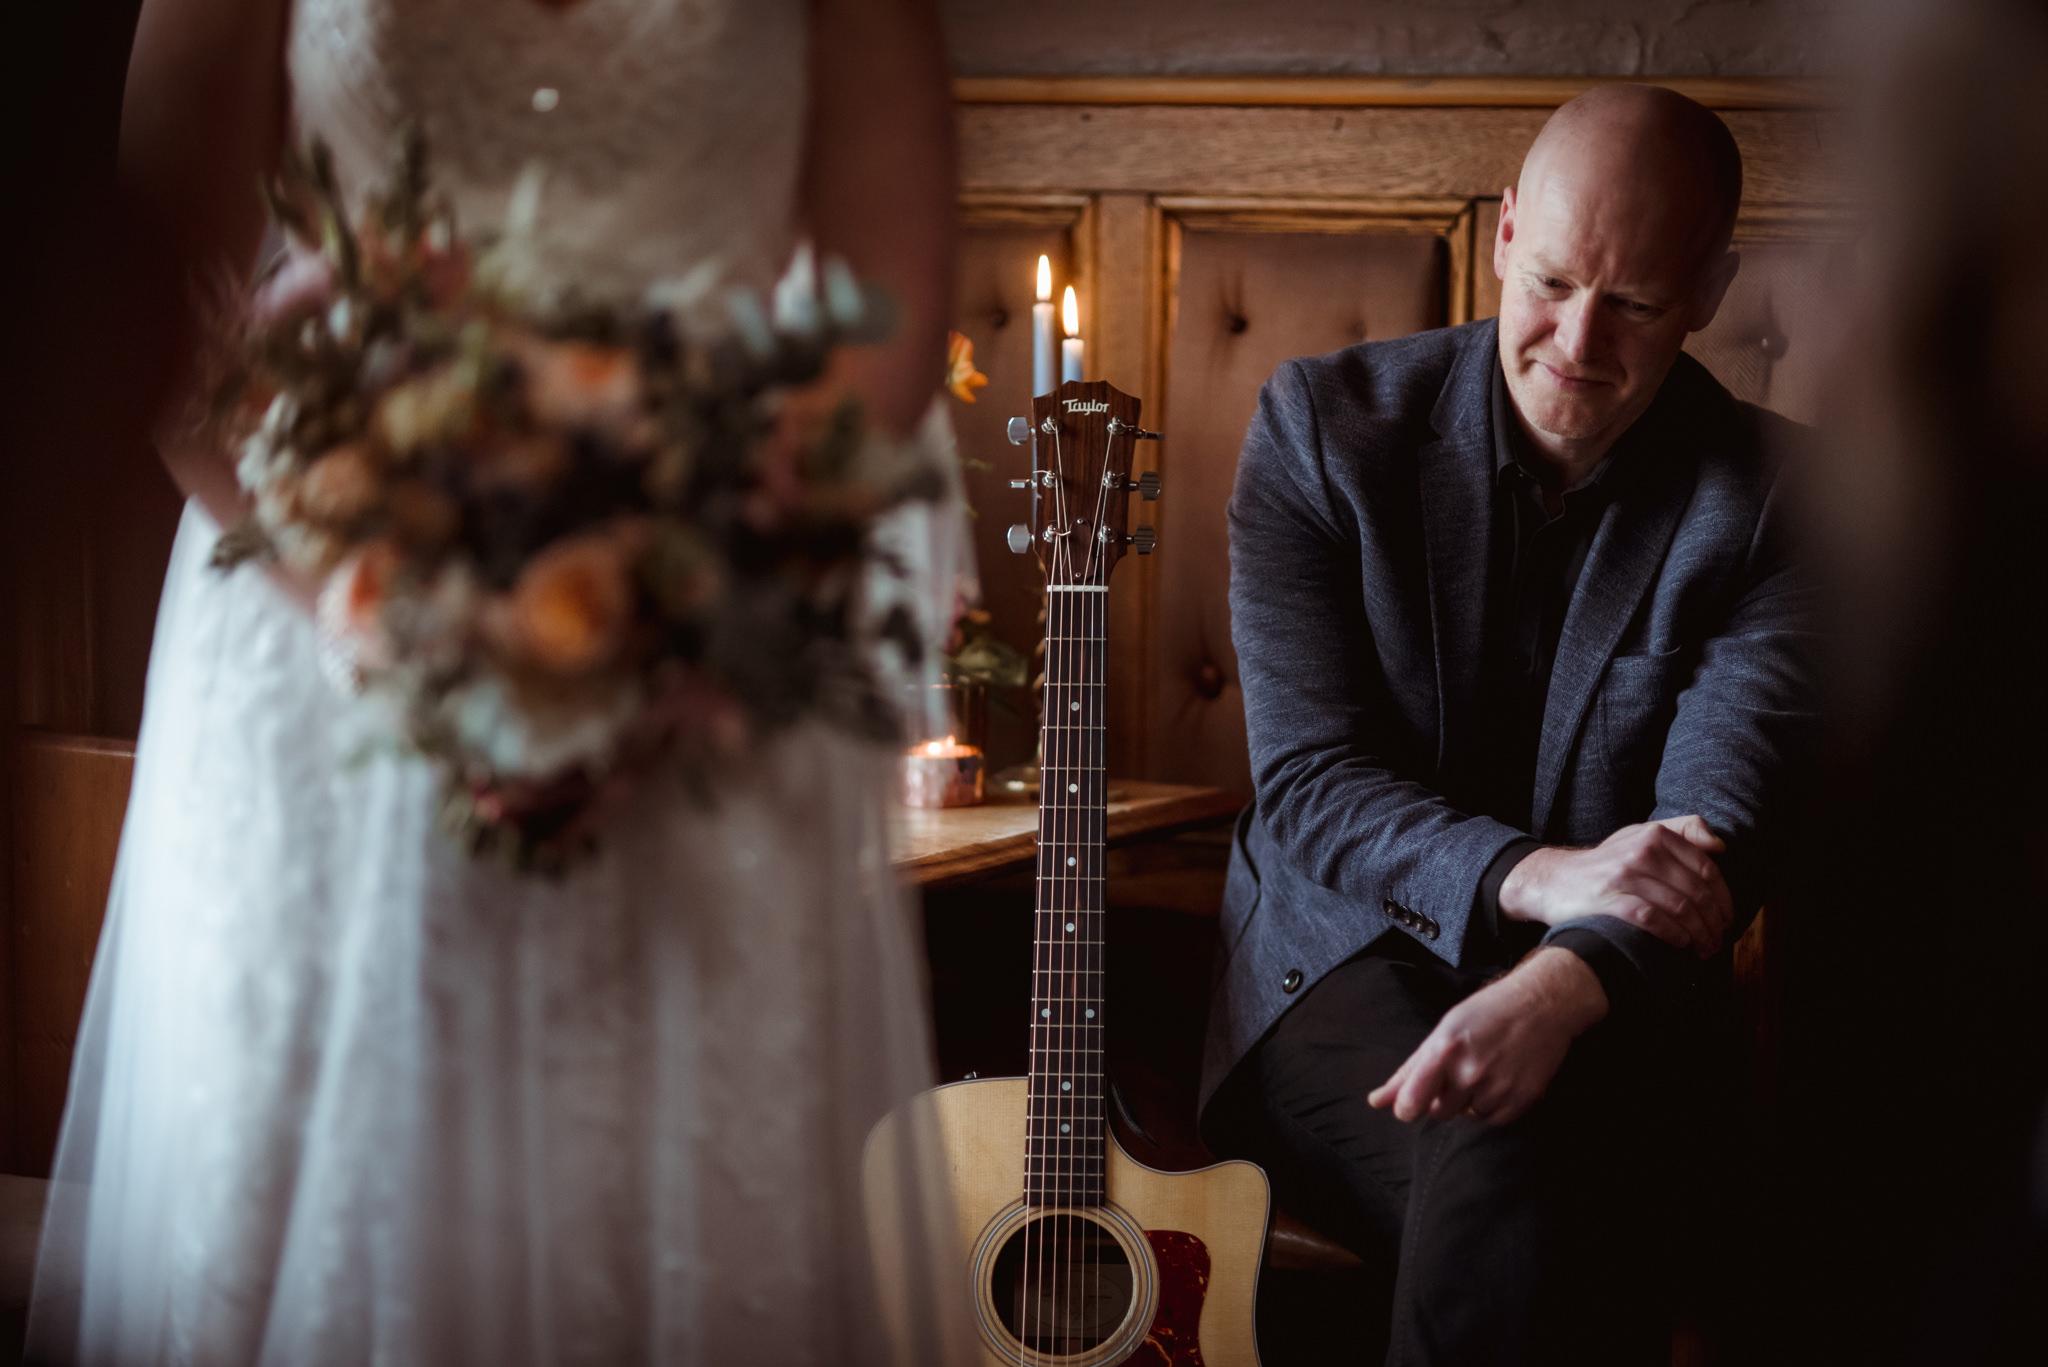 Ubiquitous-Chip-wedding-photography-(4).jpg